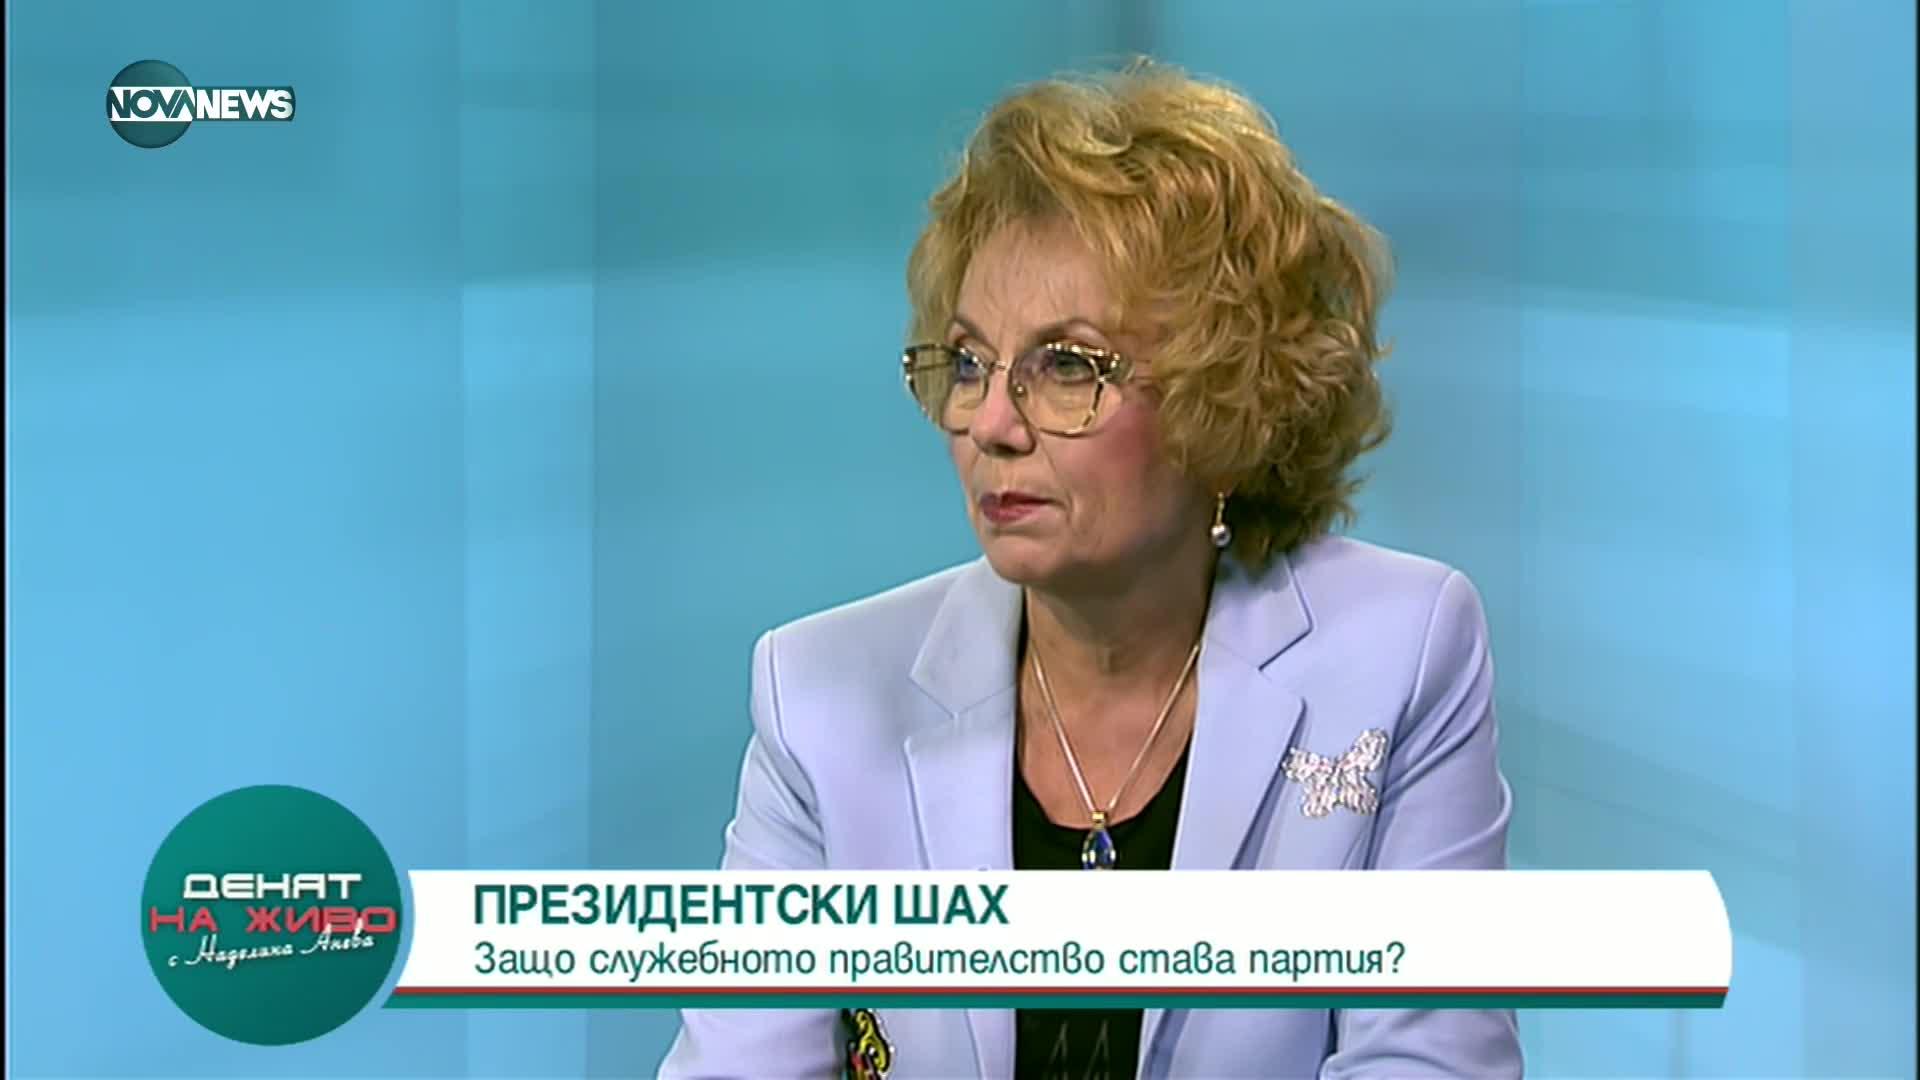 НА ФИНАЛА НА 46-ИЯ ПАРЛАМЕНТ: Очаква ли ни нова парламентарна криза?